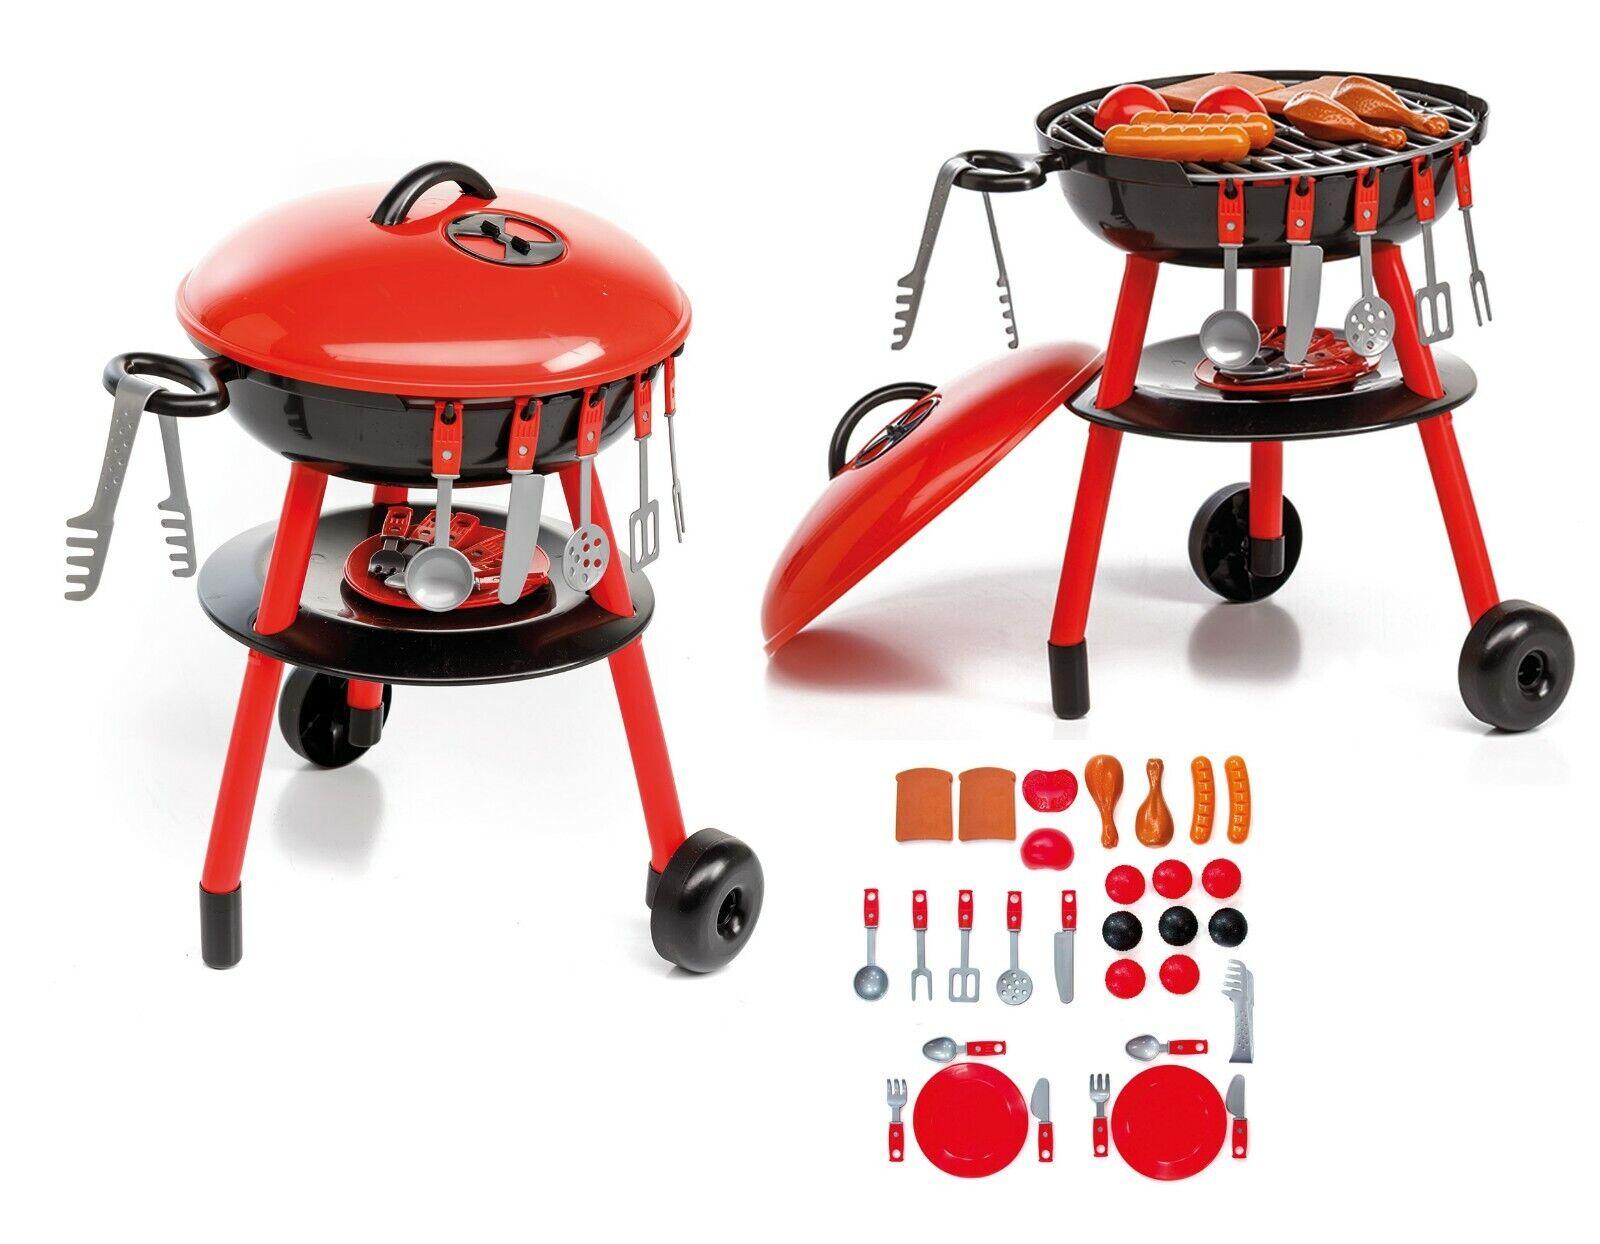 Griller Spielzeug Kugelgrill für Kinder mit viel Zubehör Grillbesteck uvm 229571